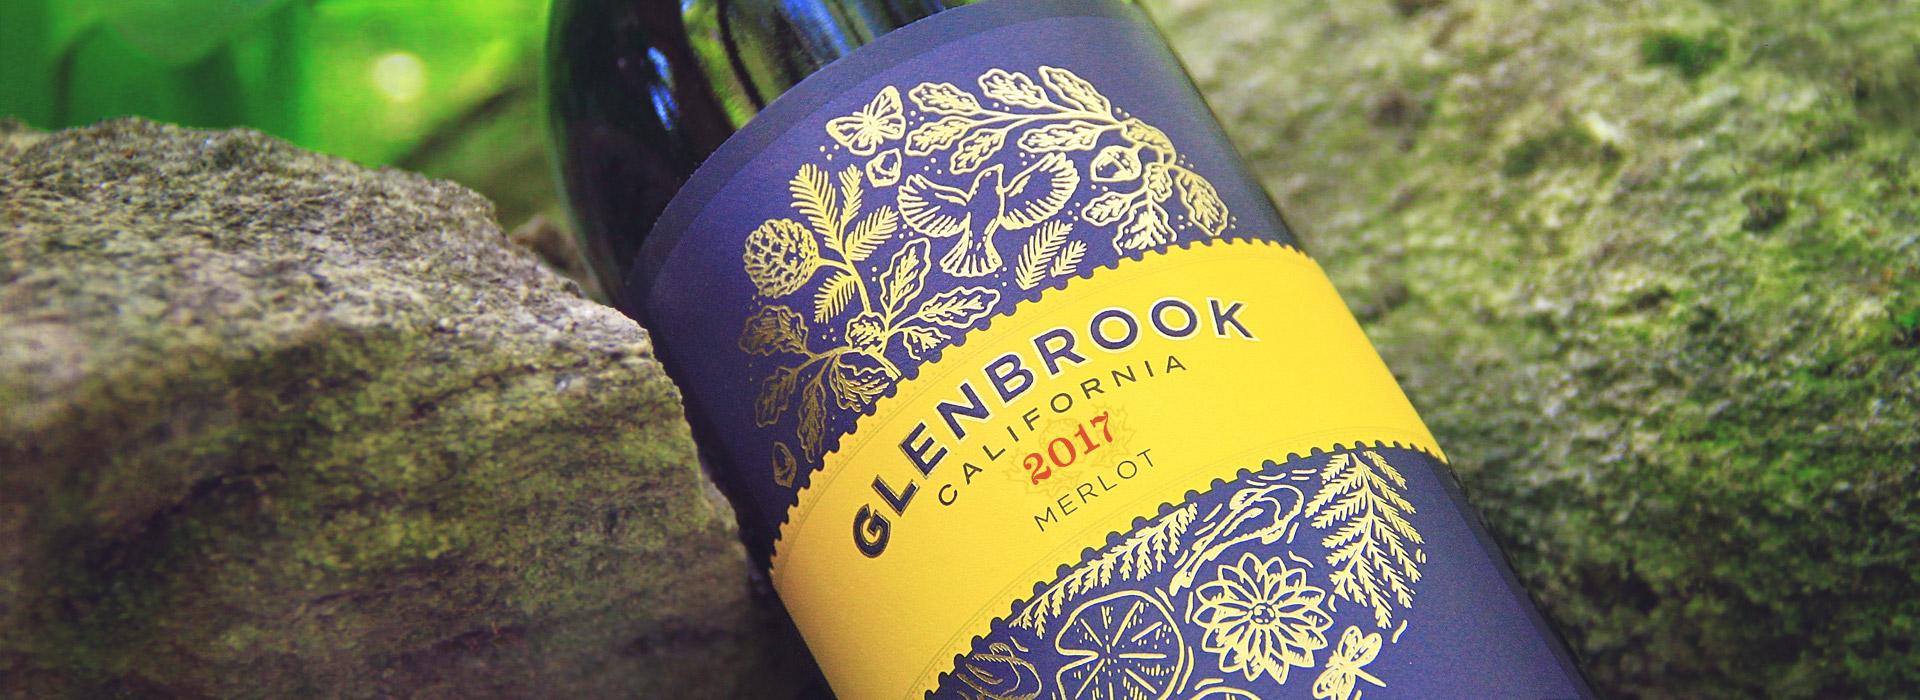 Slide5_GlenbrookMerlot_new